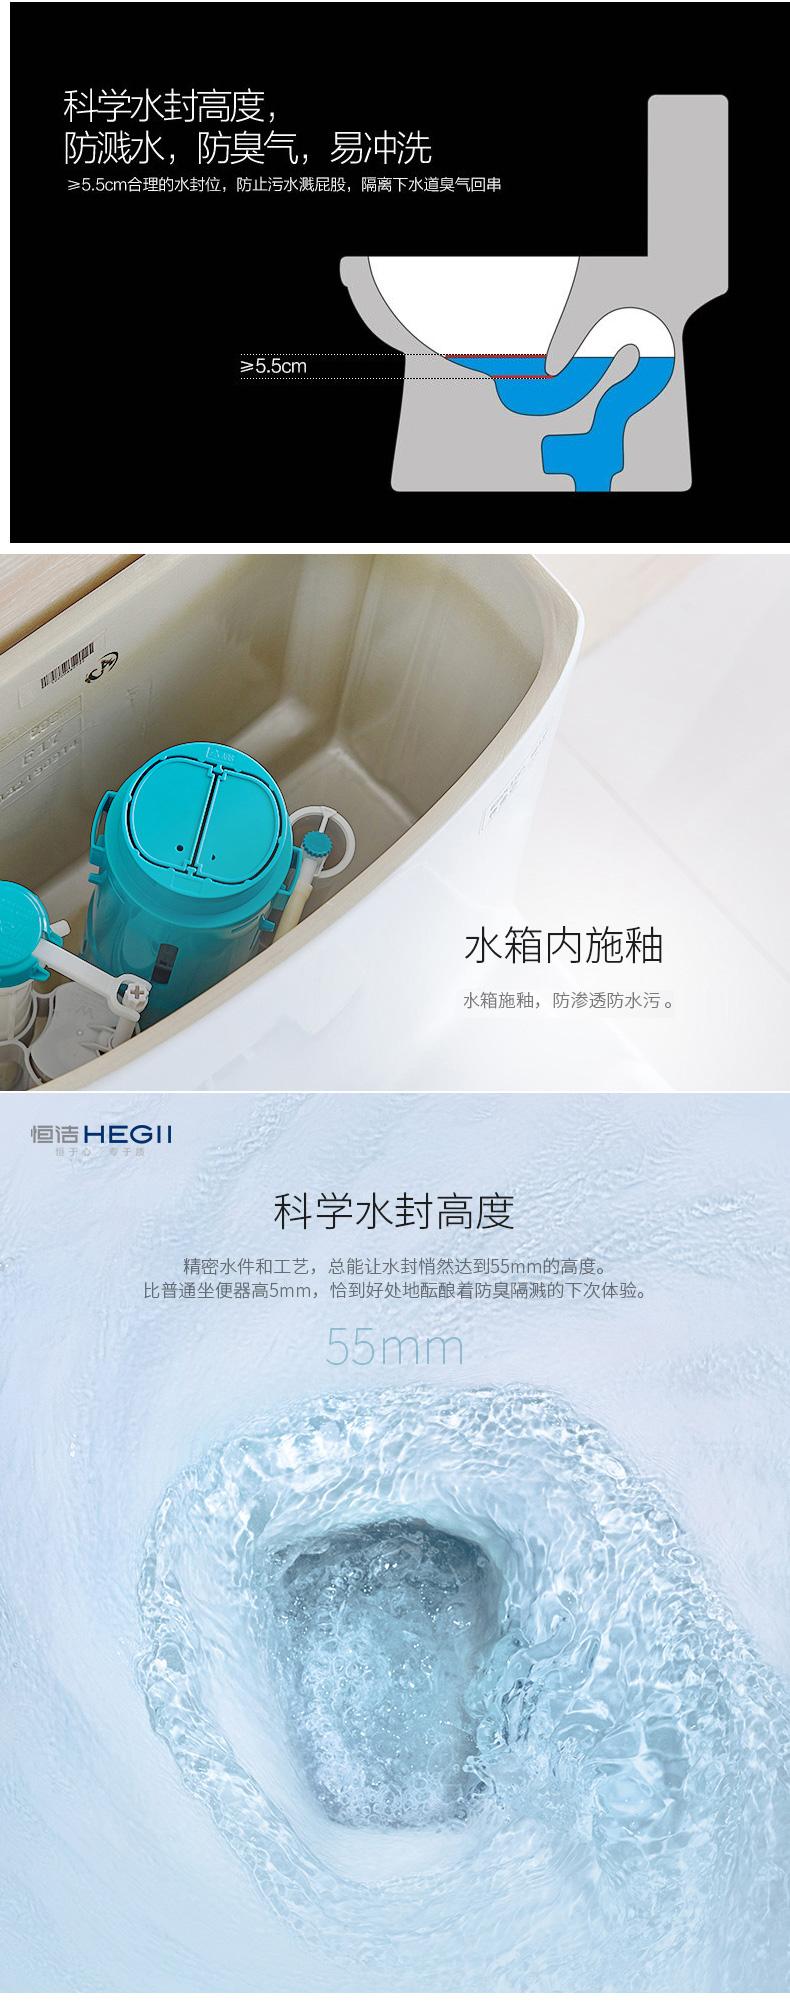 恒洁-大尺寸舒适款马桶HC0132PT_06.jpg